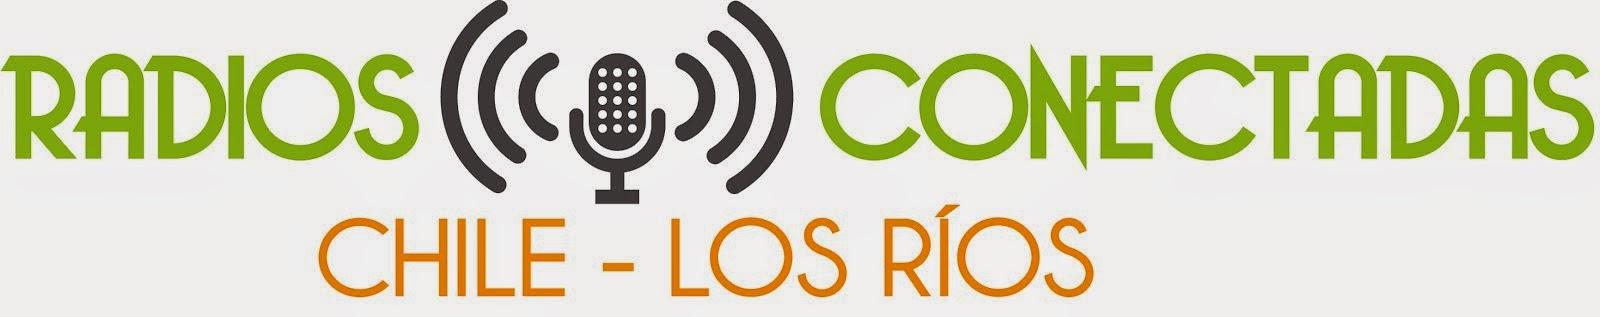 Red  Radios Conectadas Chile - Los Ríos